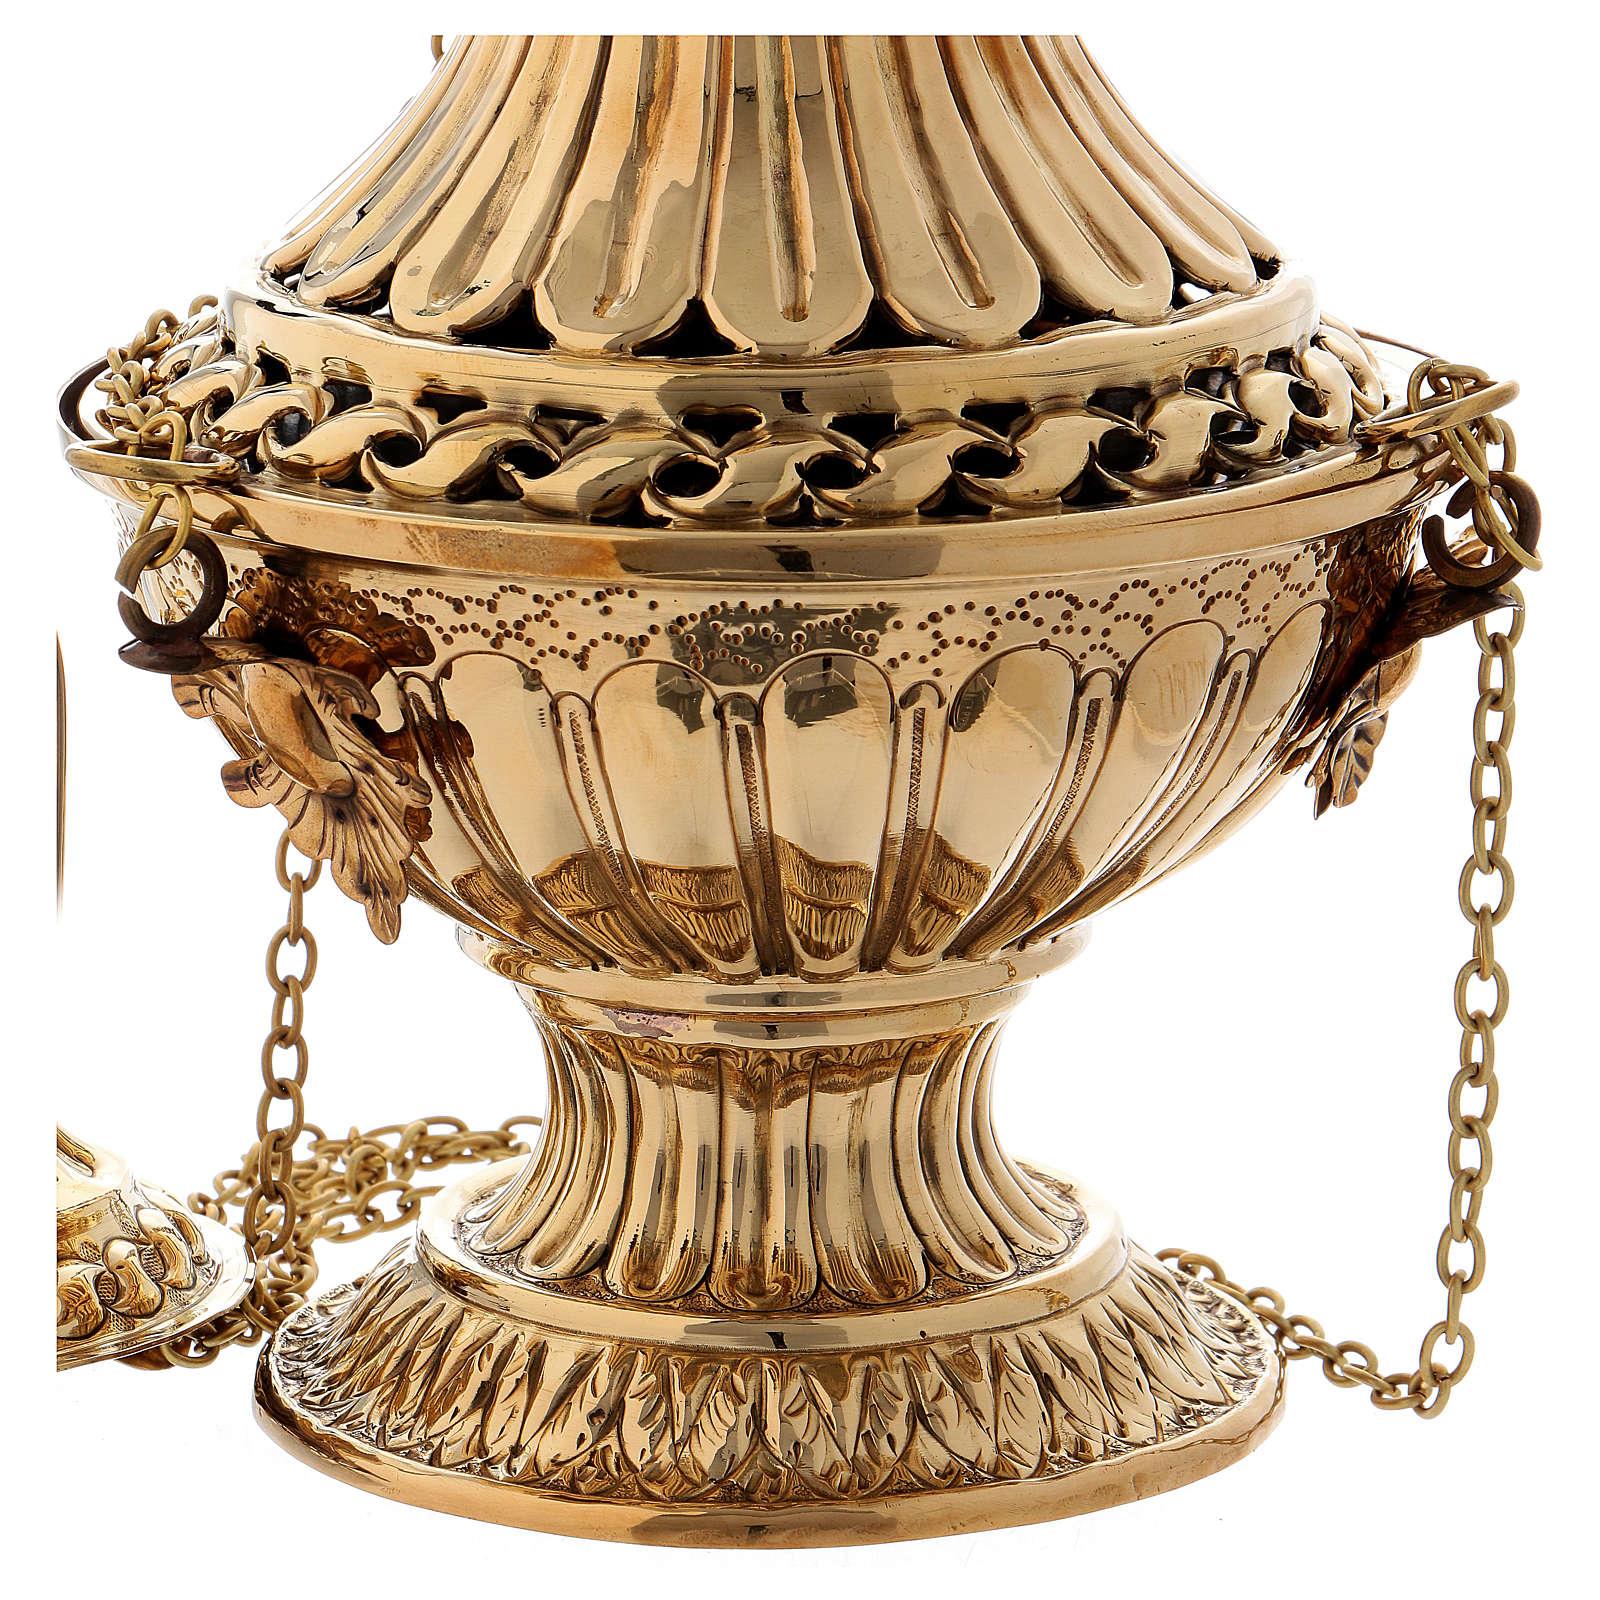 Turibolo con decori e intagli ottone dorato 30 cm 3